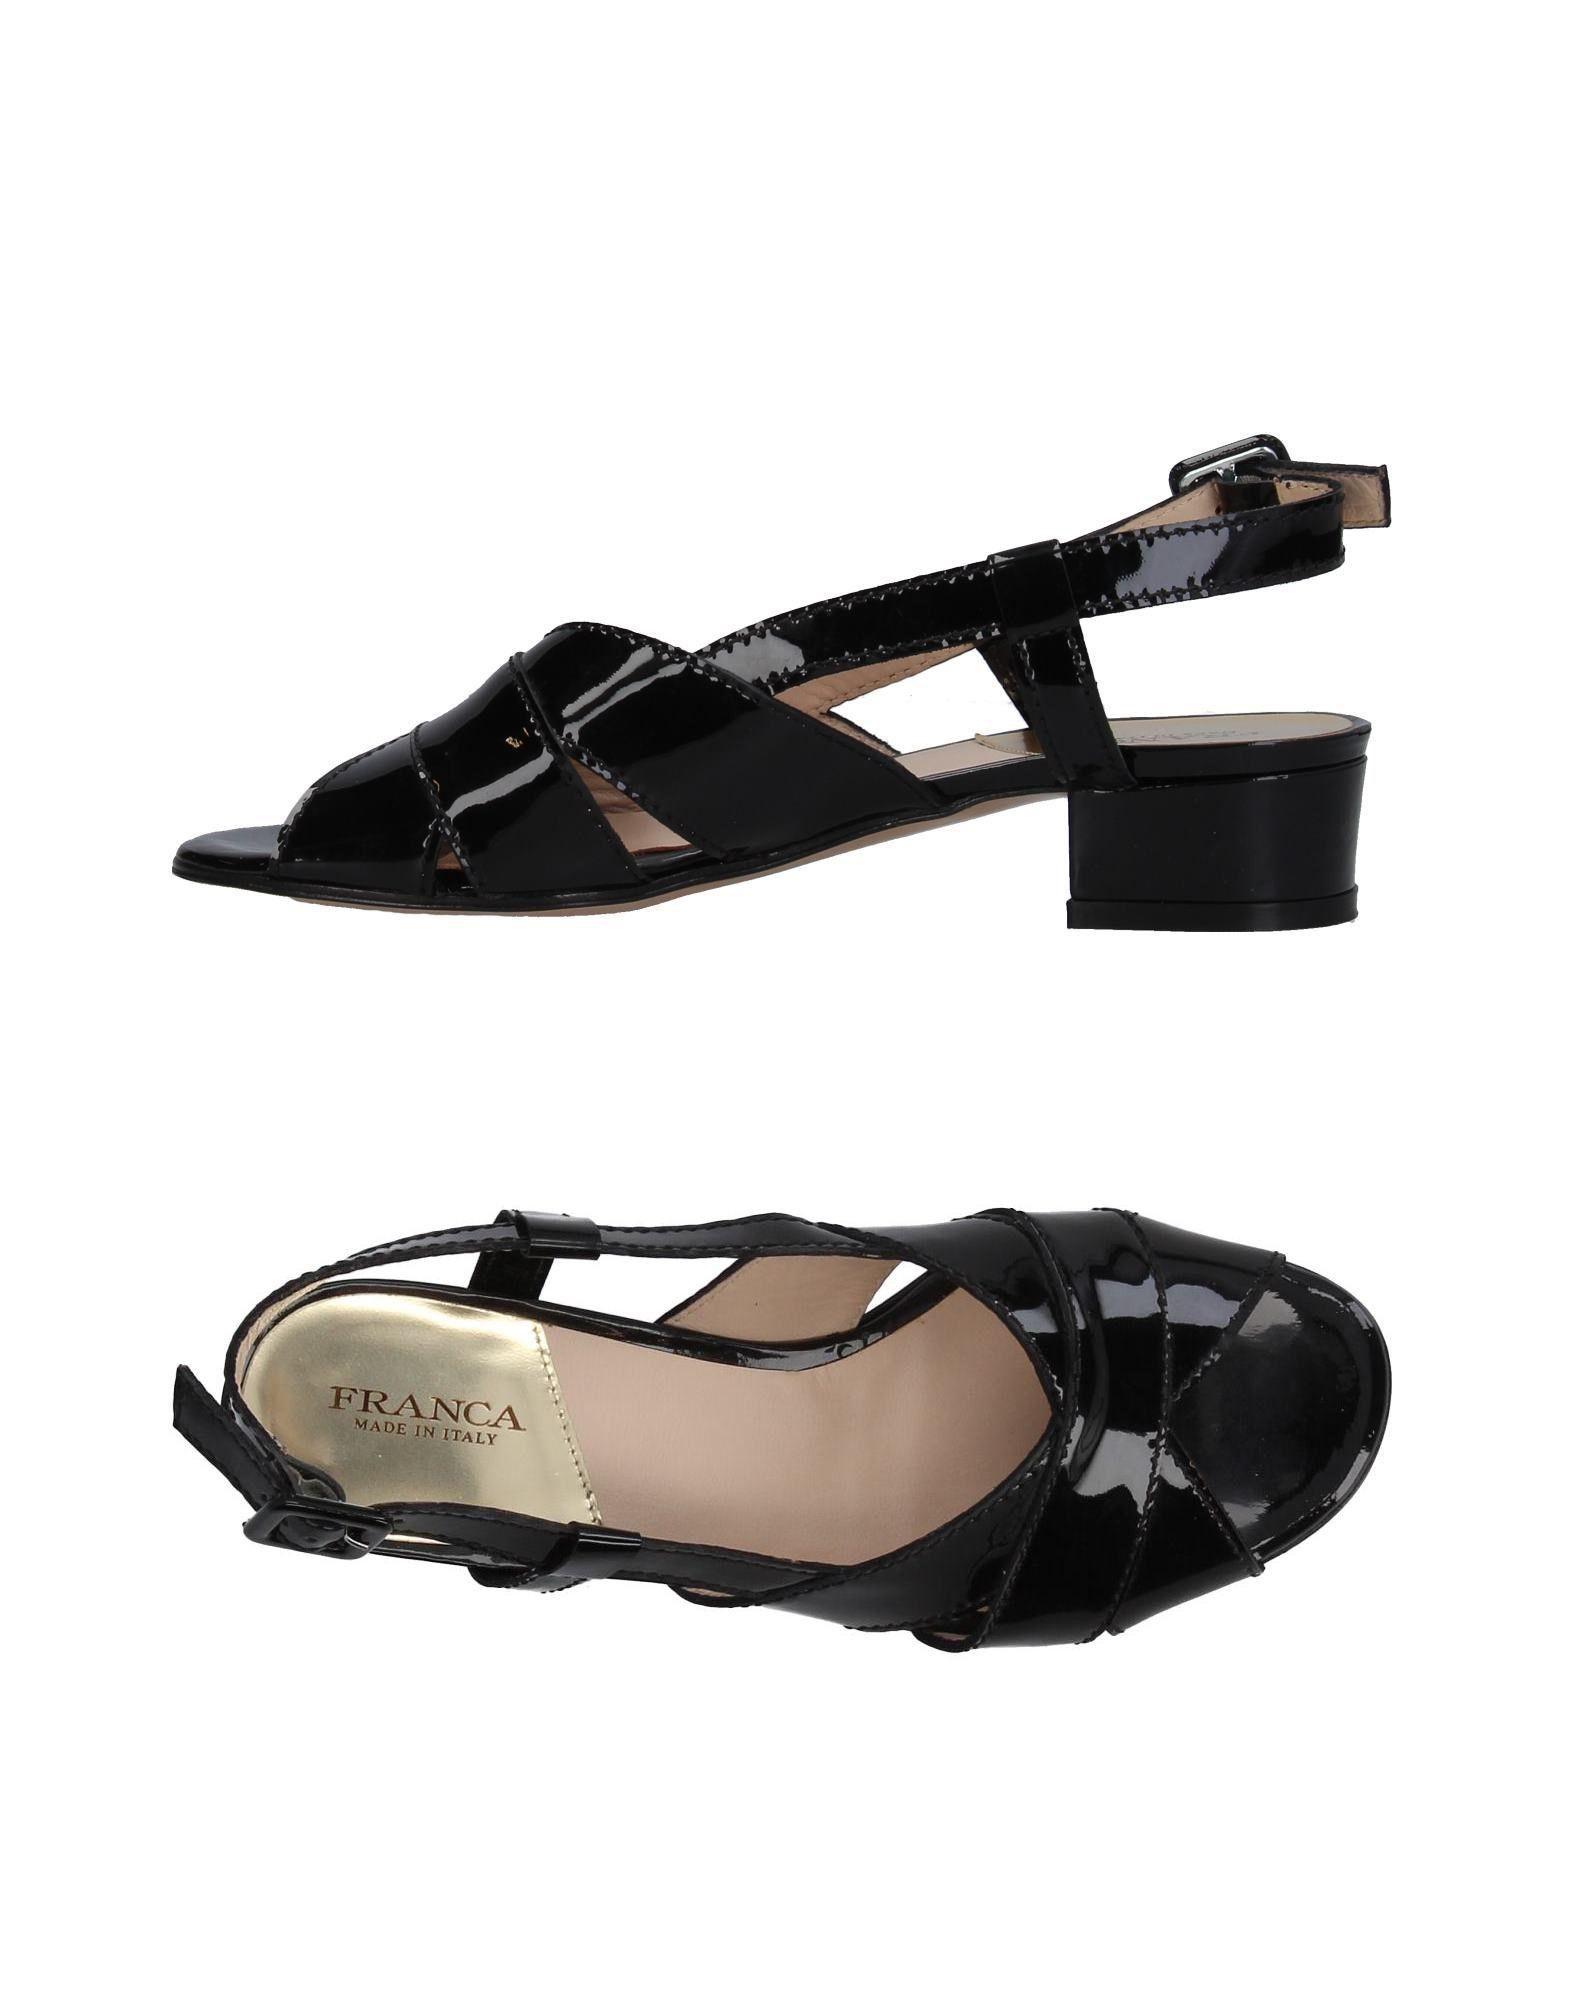 FRANCA Damen Sandale Farbe Schwarz Größe 6 jetztbilligerkaufen